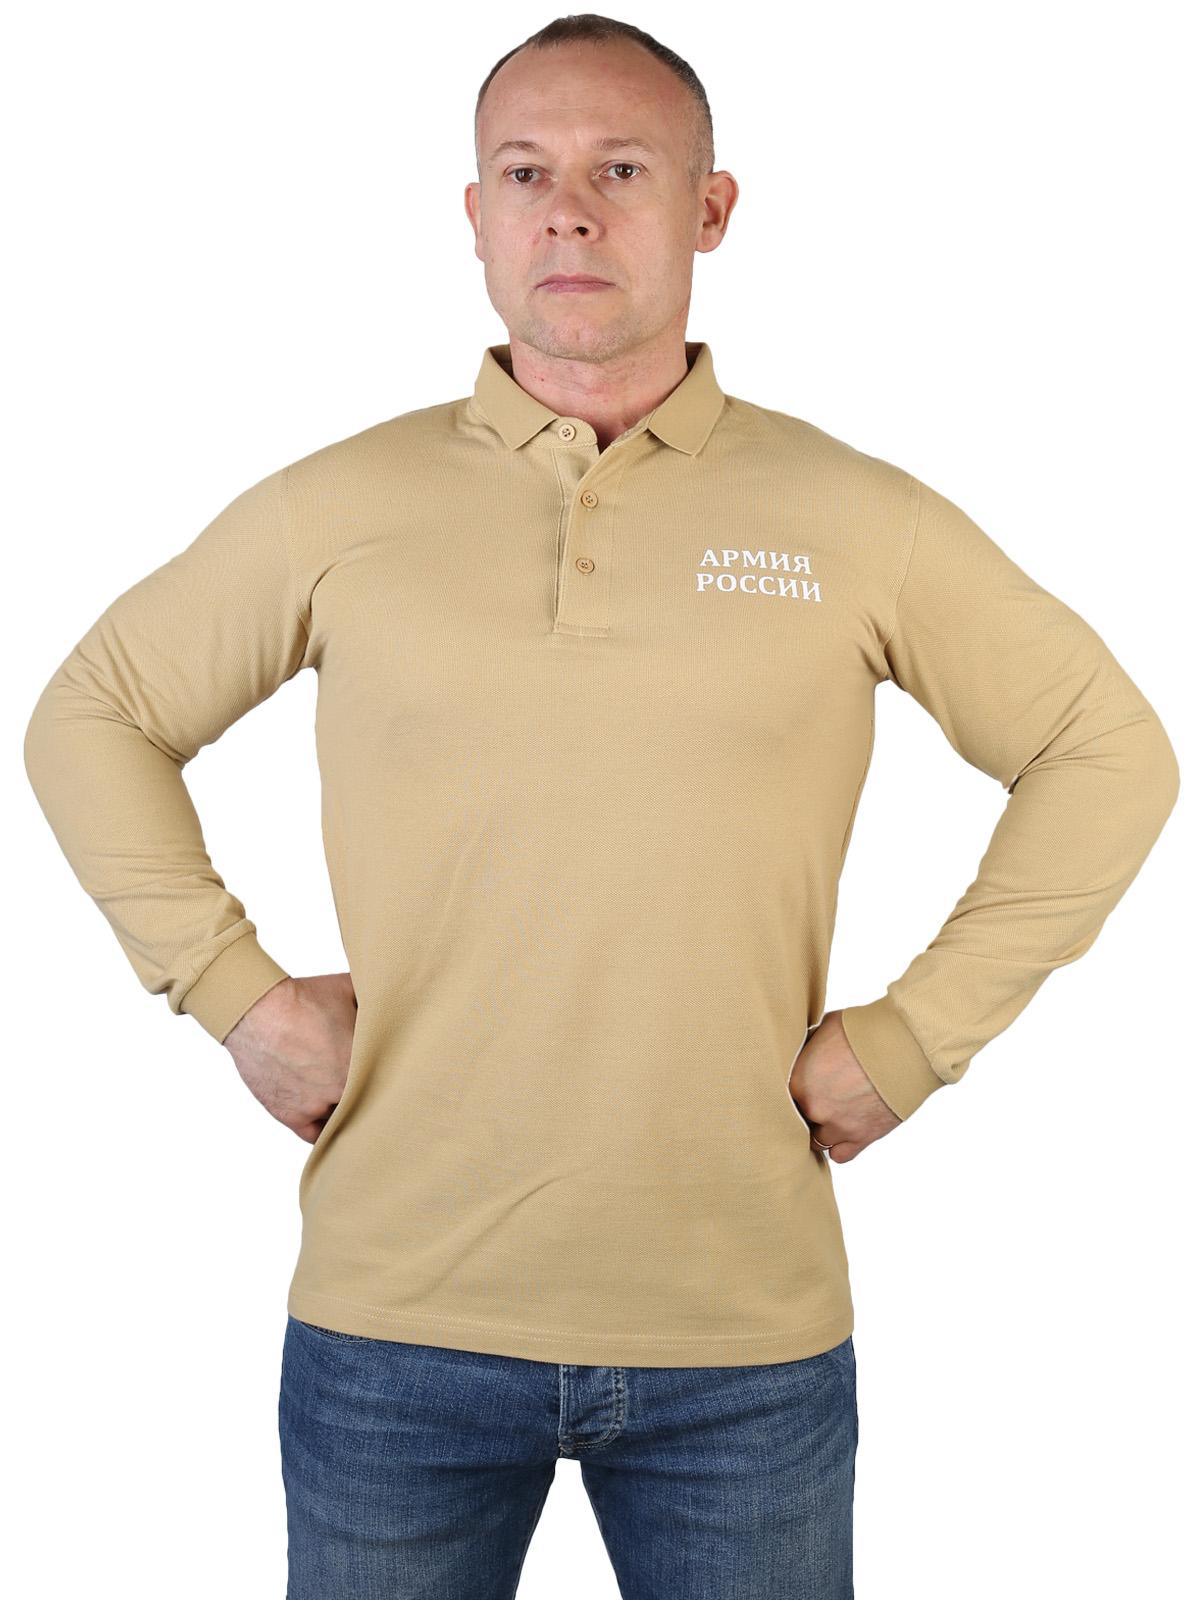 Песочная футболка поло с длинным рукавом Армия России